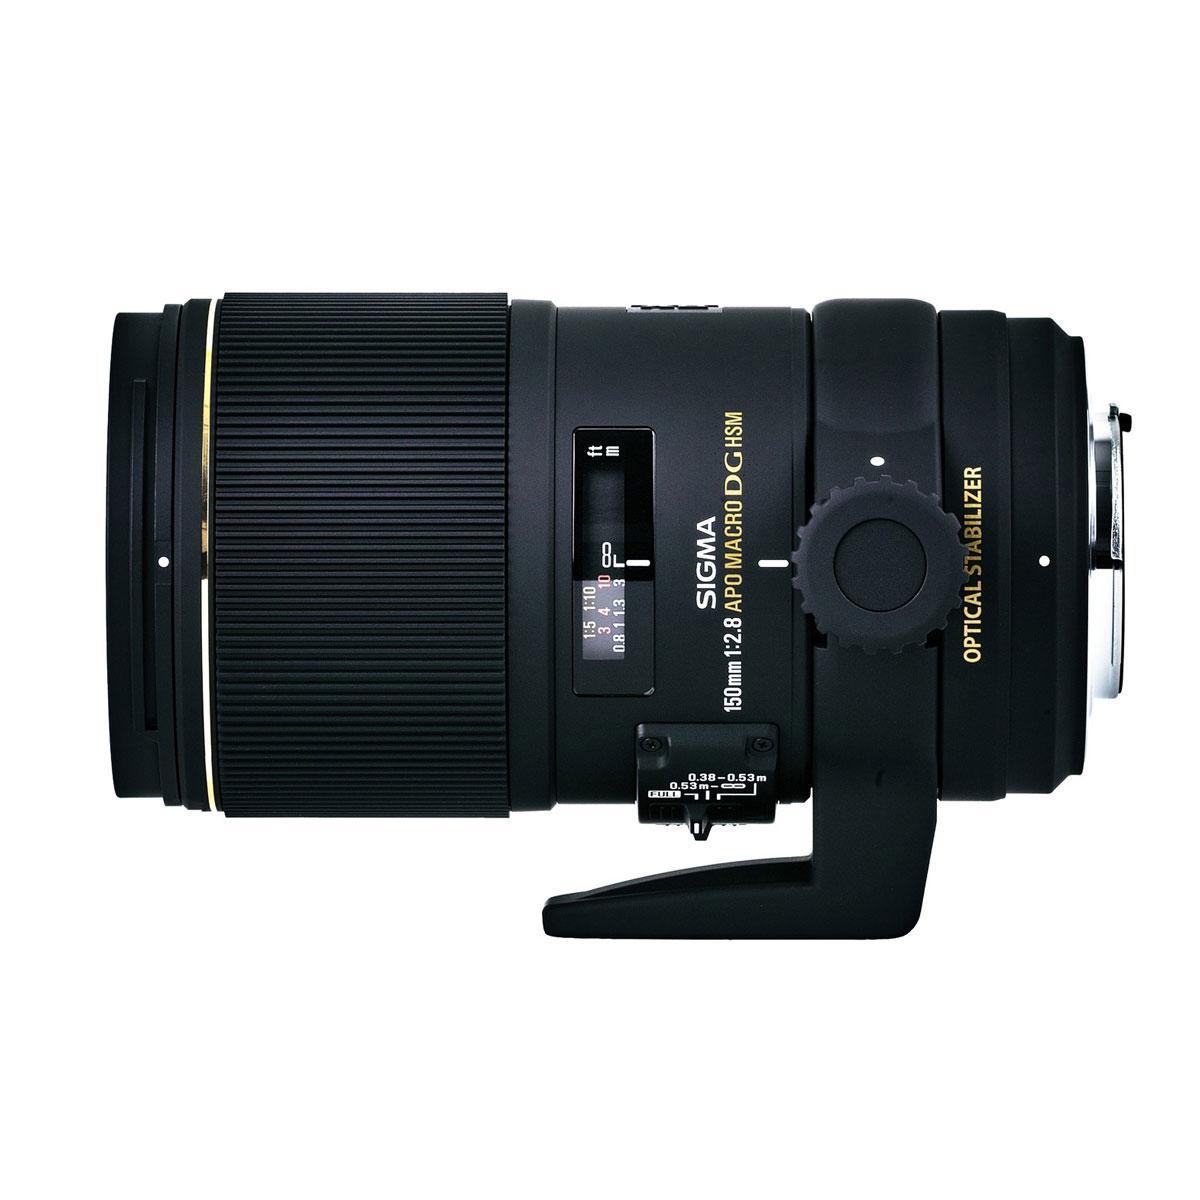 Sigma 150mm f/2.8 OS EX DG HSM APO Macro – Sony A